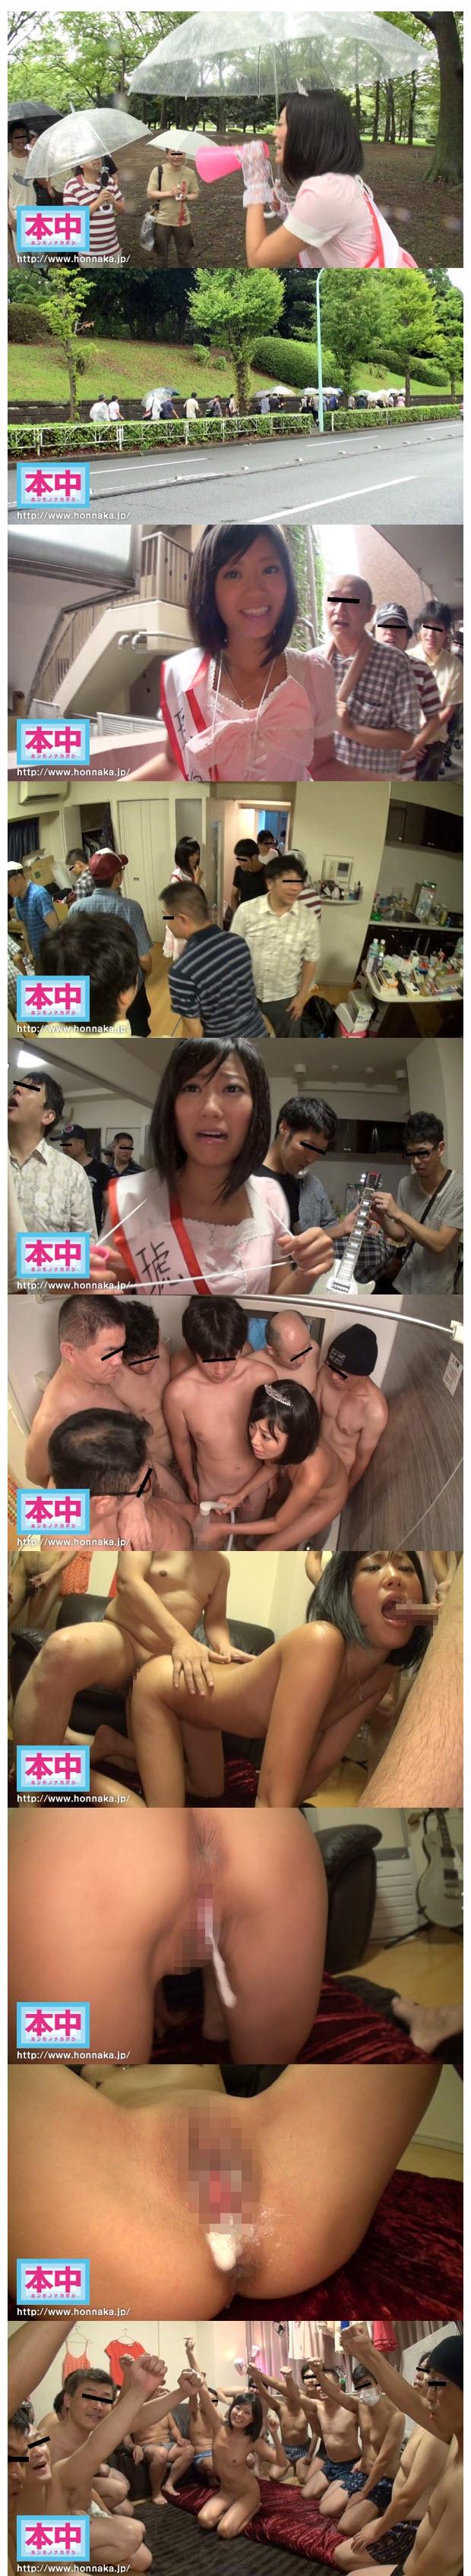 Asw-121 Porn uta kohaku japanese adult videos & movies on dvd